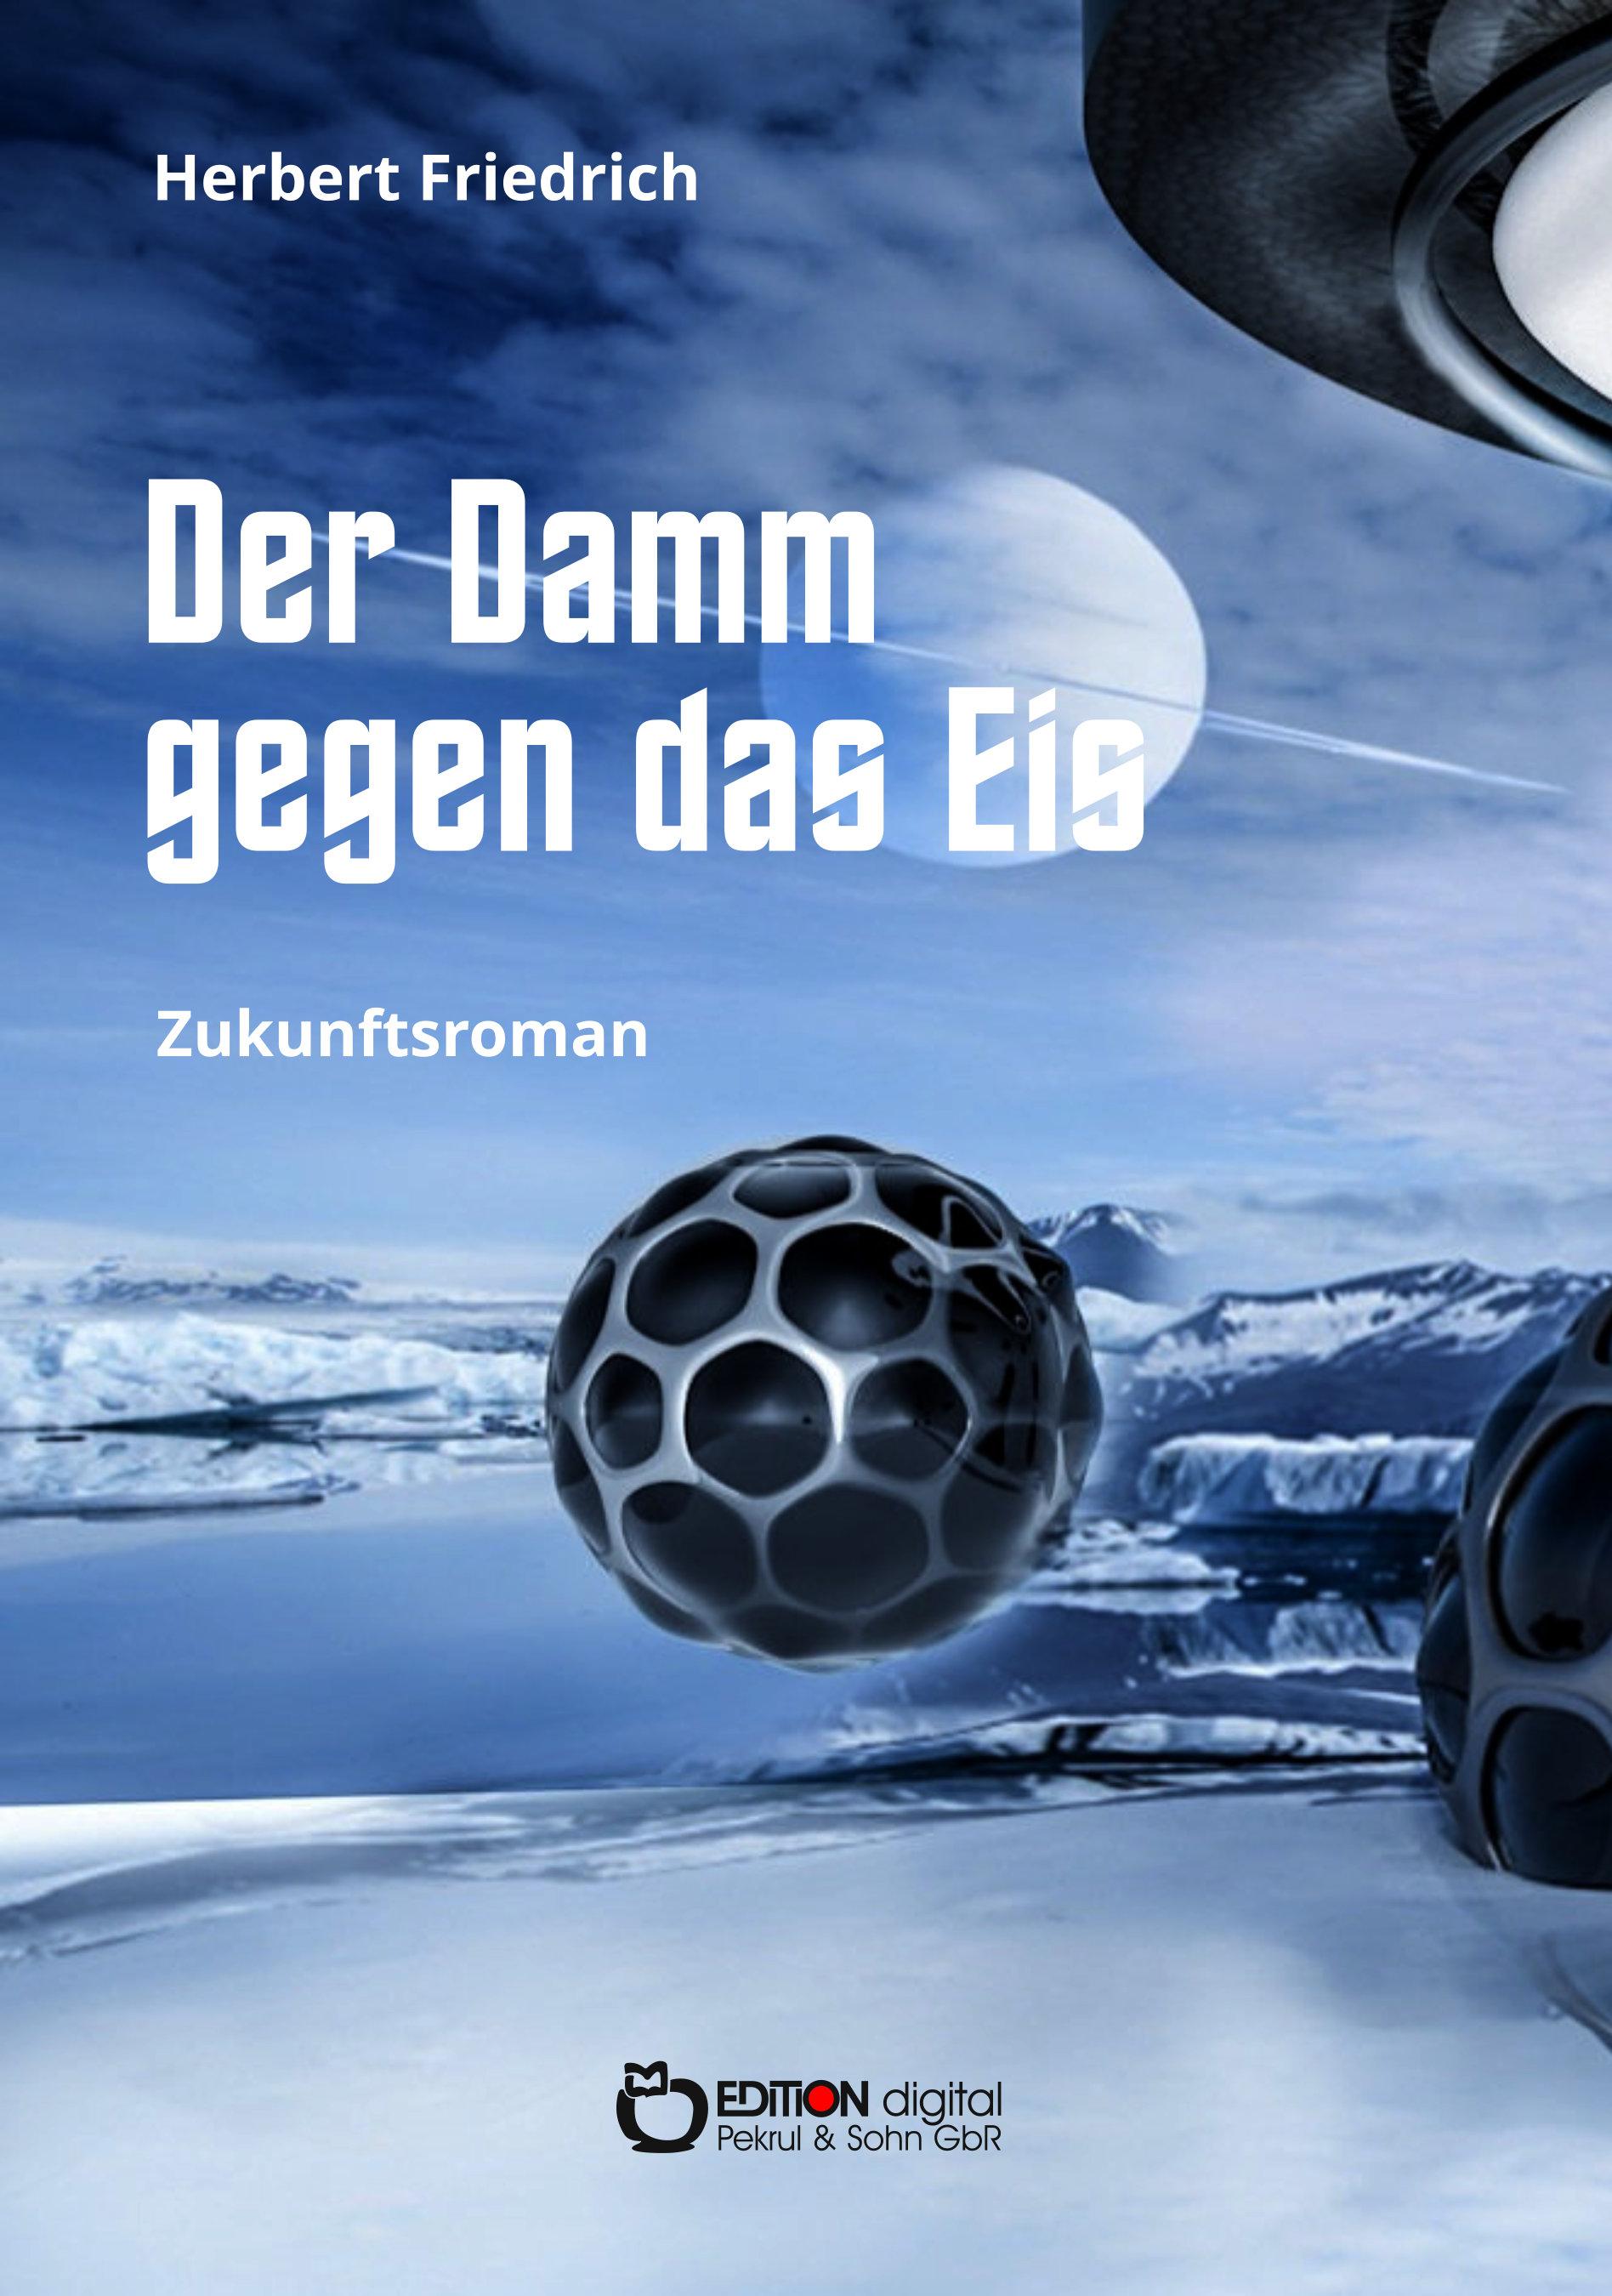 Der Damm gegen das Eis. Zukunftsroman von Herbert Friedrich